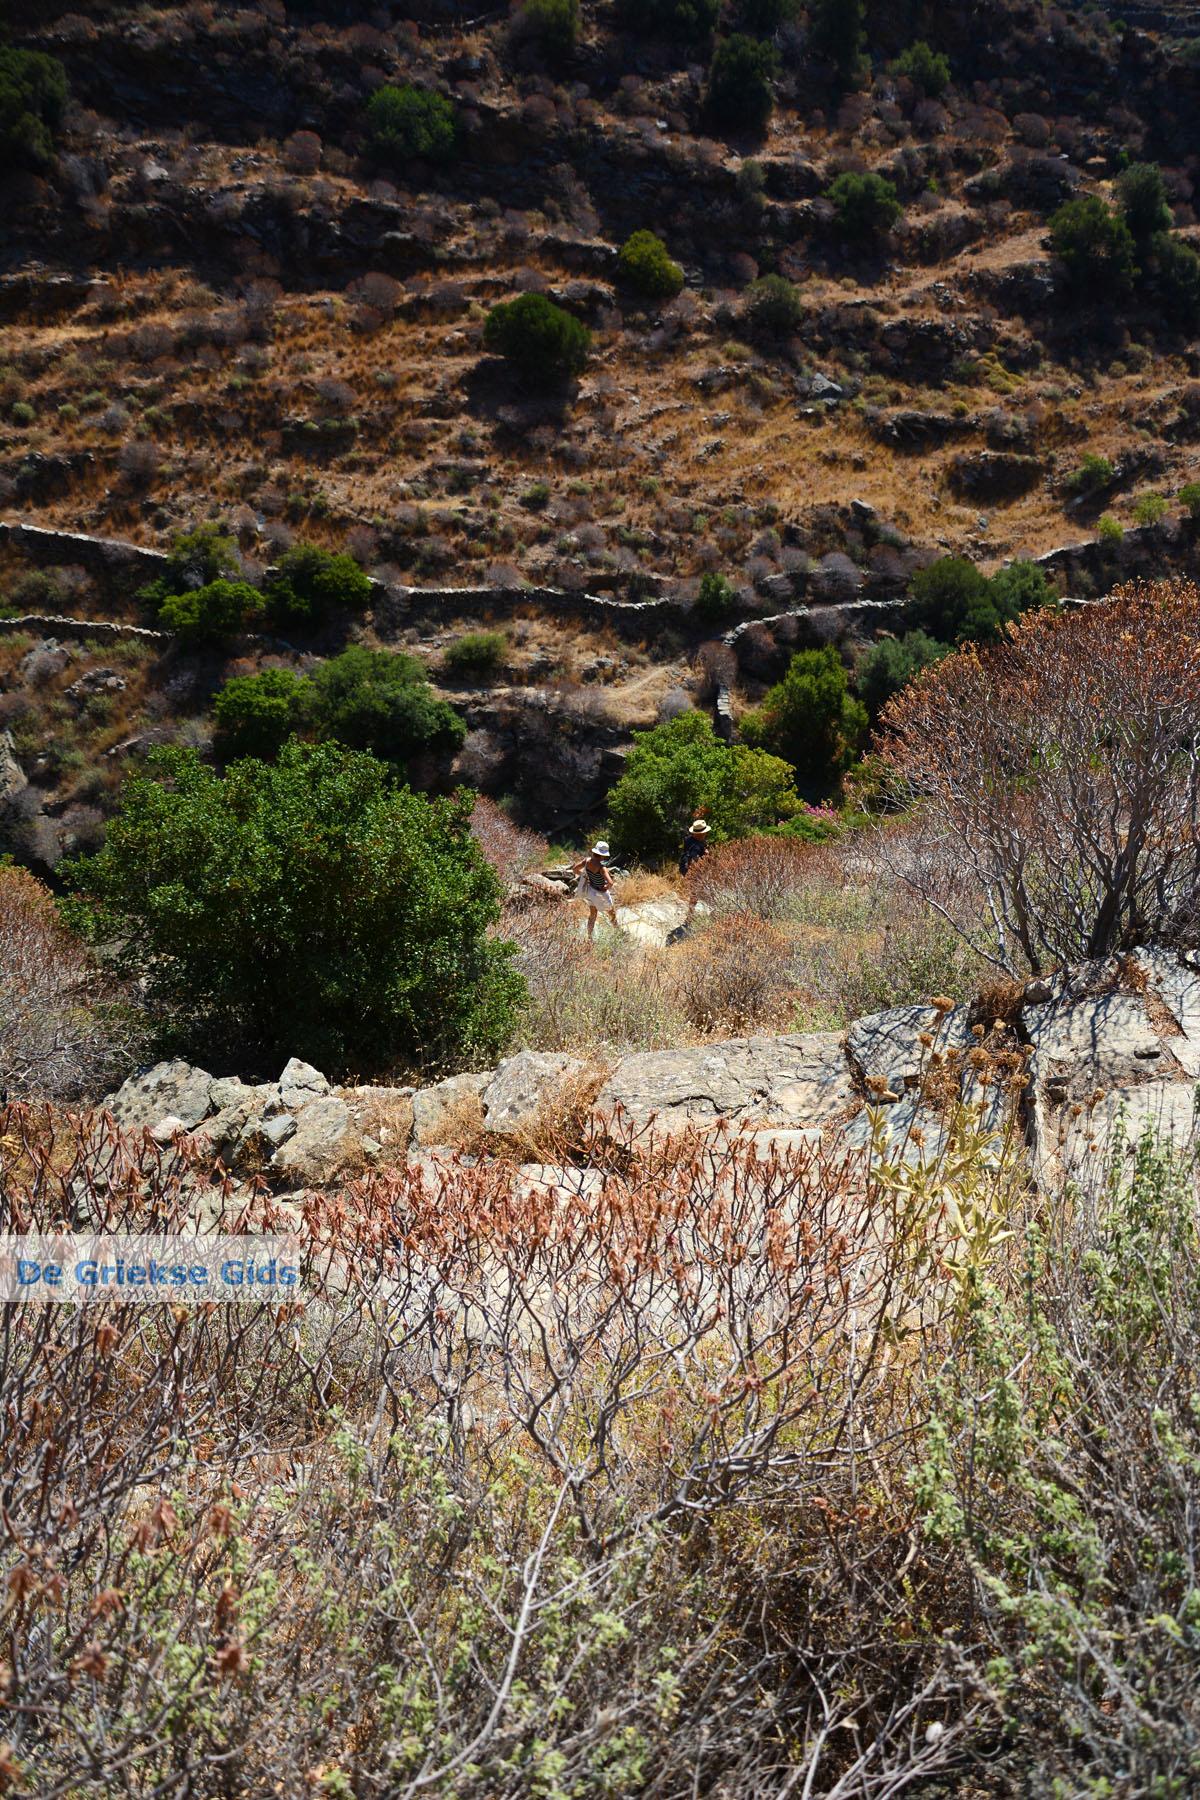 foto Bergpad-wandelpad naar Karthaia | Kato Meria | Kea (Tzia) 16